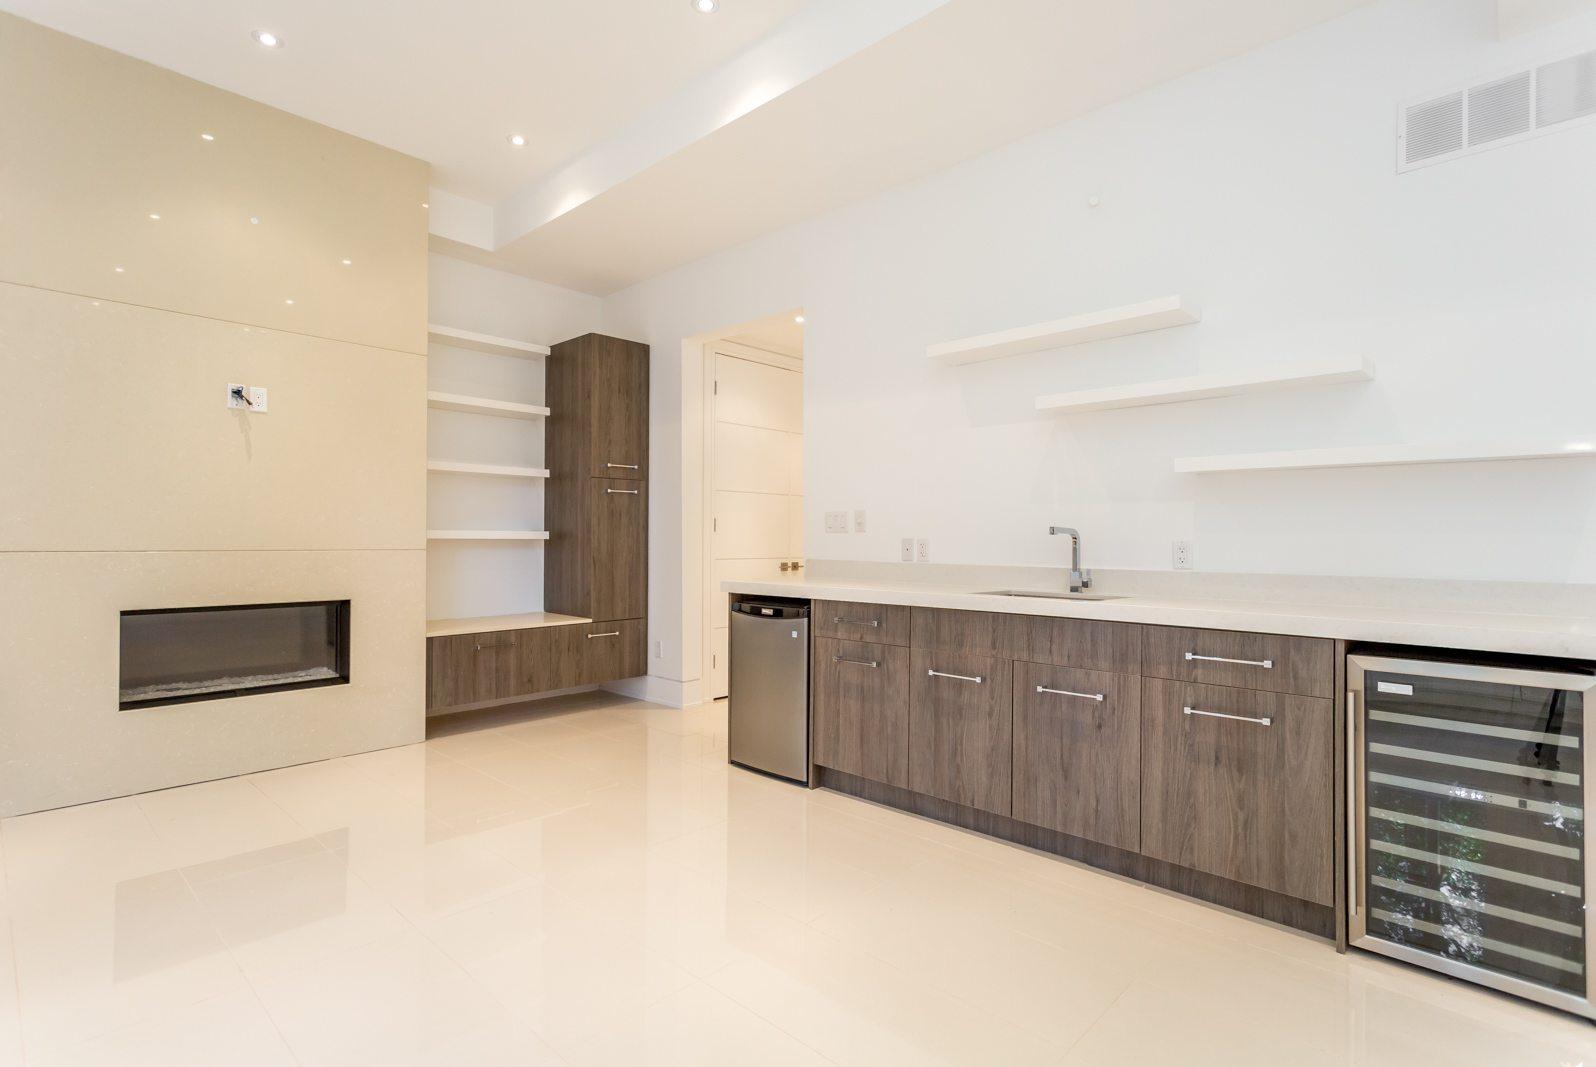 toronto-house-for-sale-118-brooke-avenue-14